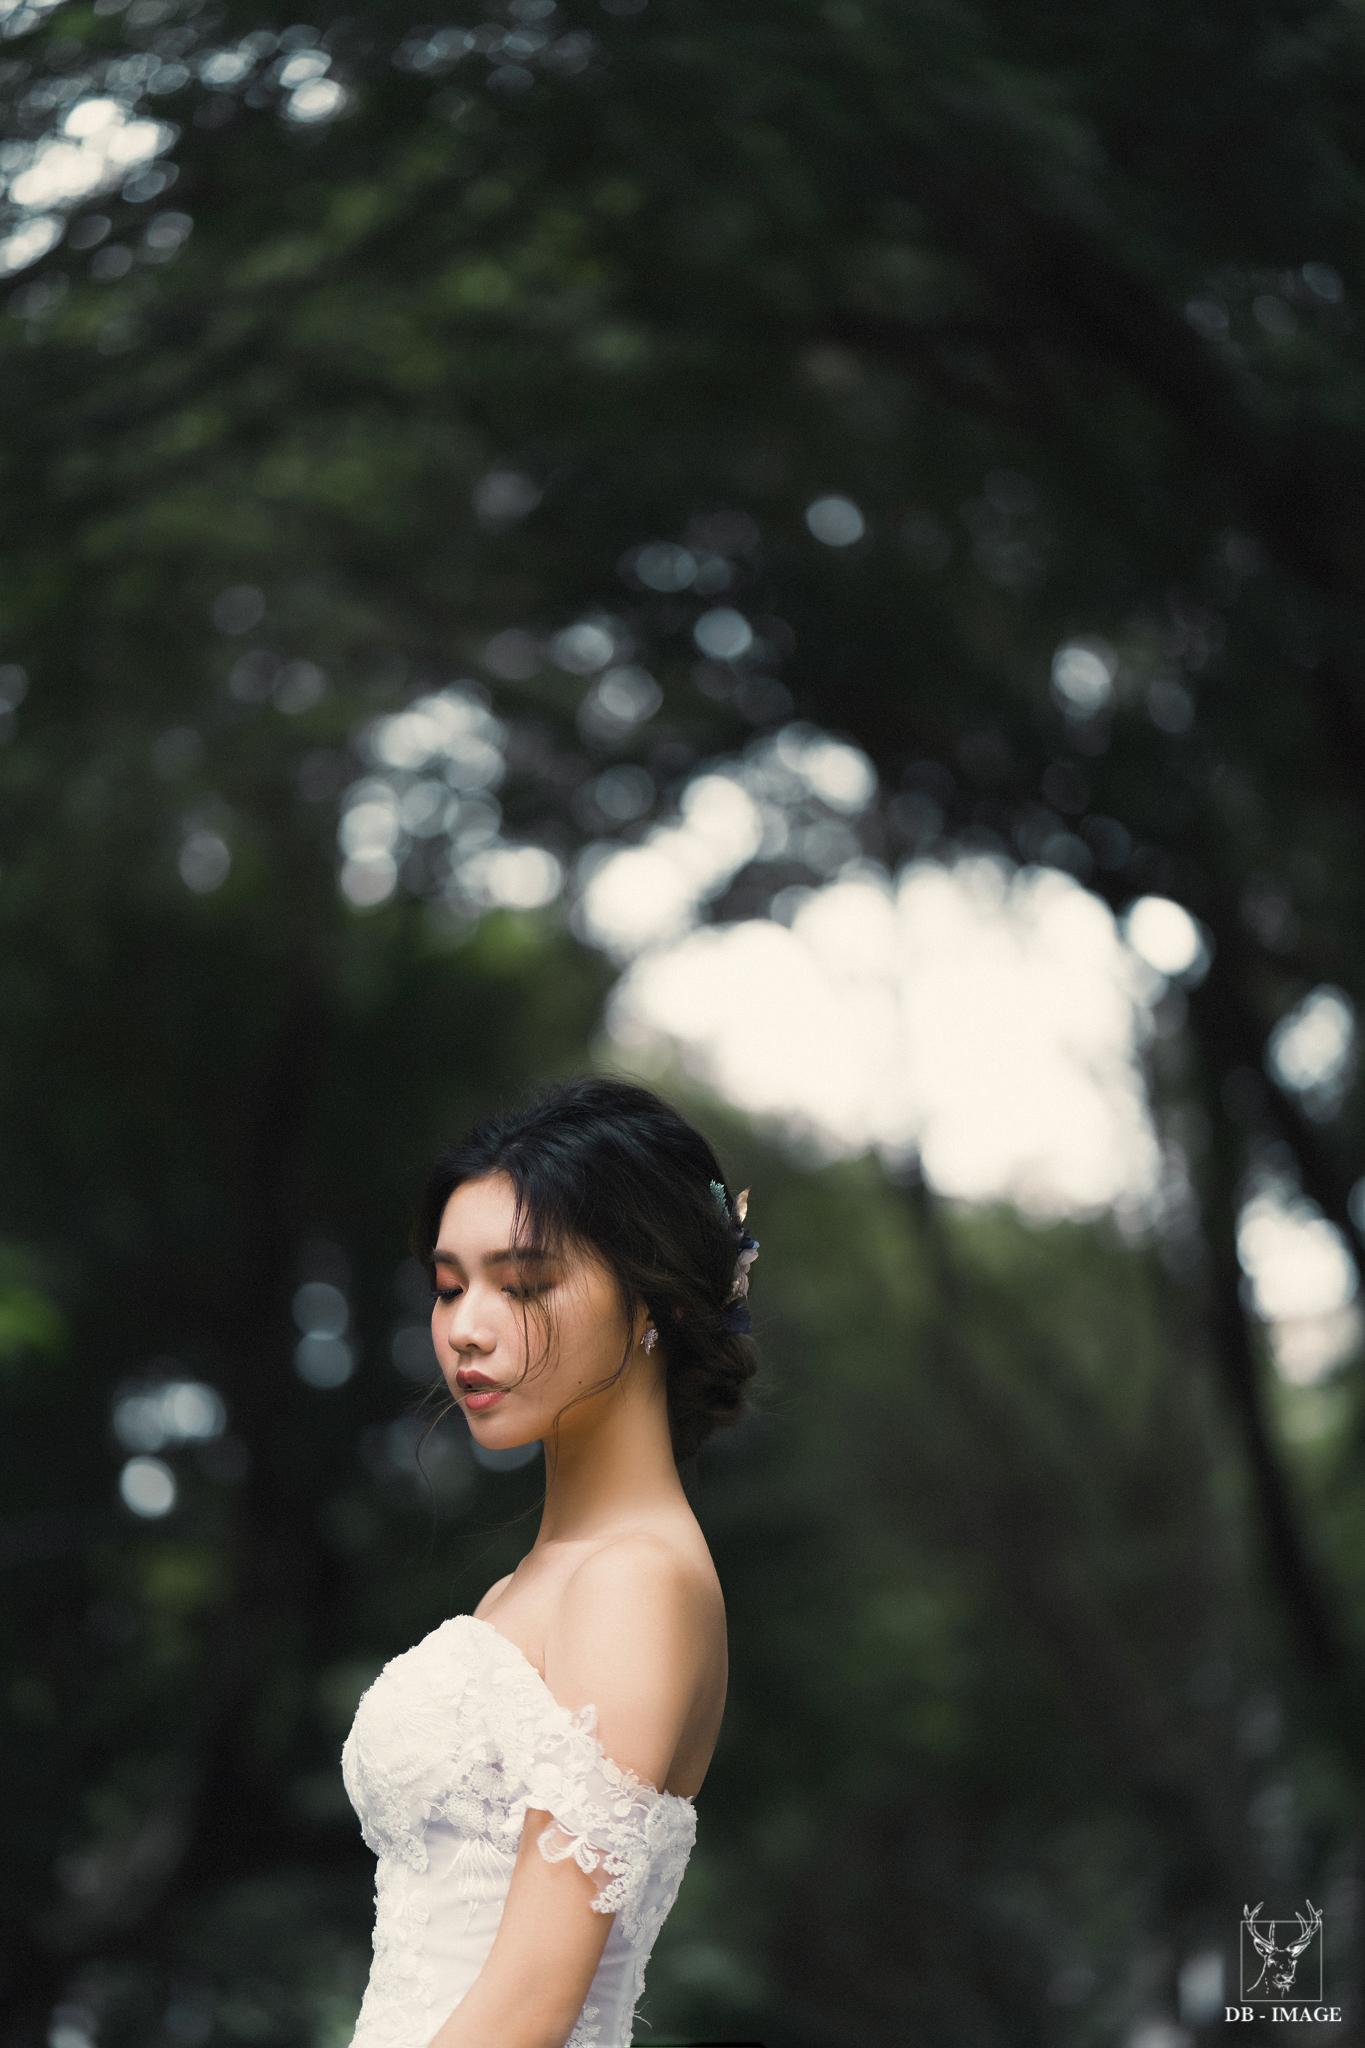 美式婚紗 婚紗攝影 冬伴影像 攝影師 冬伴 北部攝影 新竹攝影 台北攝影 自主婚紗 自助婚紗 富錦街婚紗 冷水坑婚紗 陽明山婚紗_DB_4090